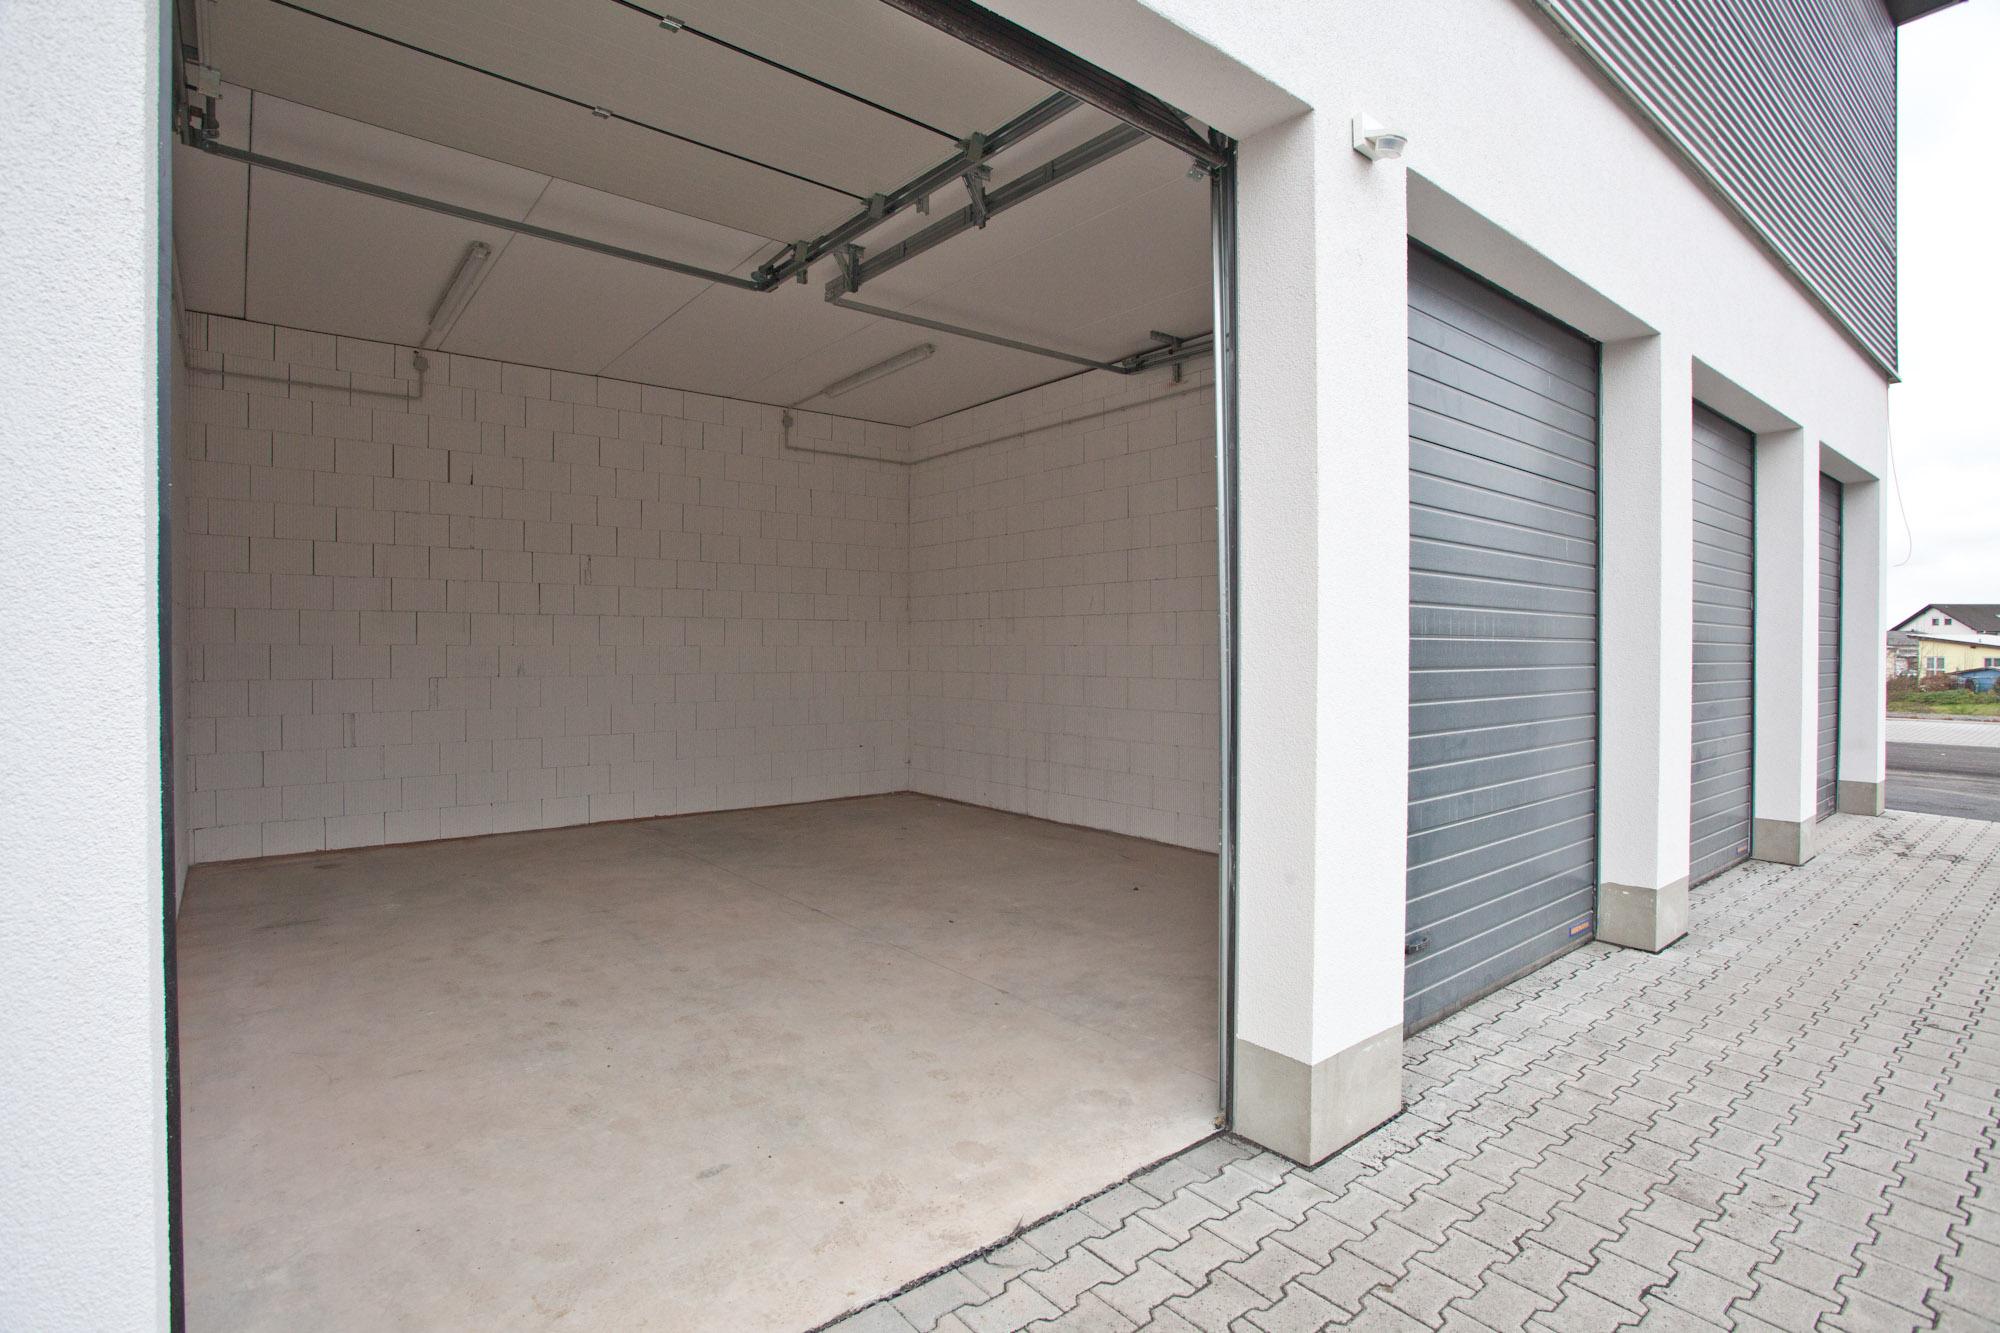 Full Size of Büro Und Lagerfläche Mieten Lagerfläche Mieten Rostock Lagerfläche Mieten Emmendingen Lagerfläche Mieten Osnabrück Küche Lagerfläche Mieten